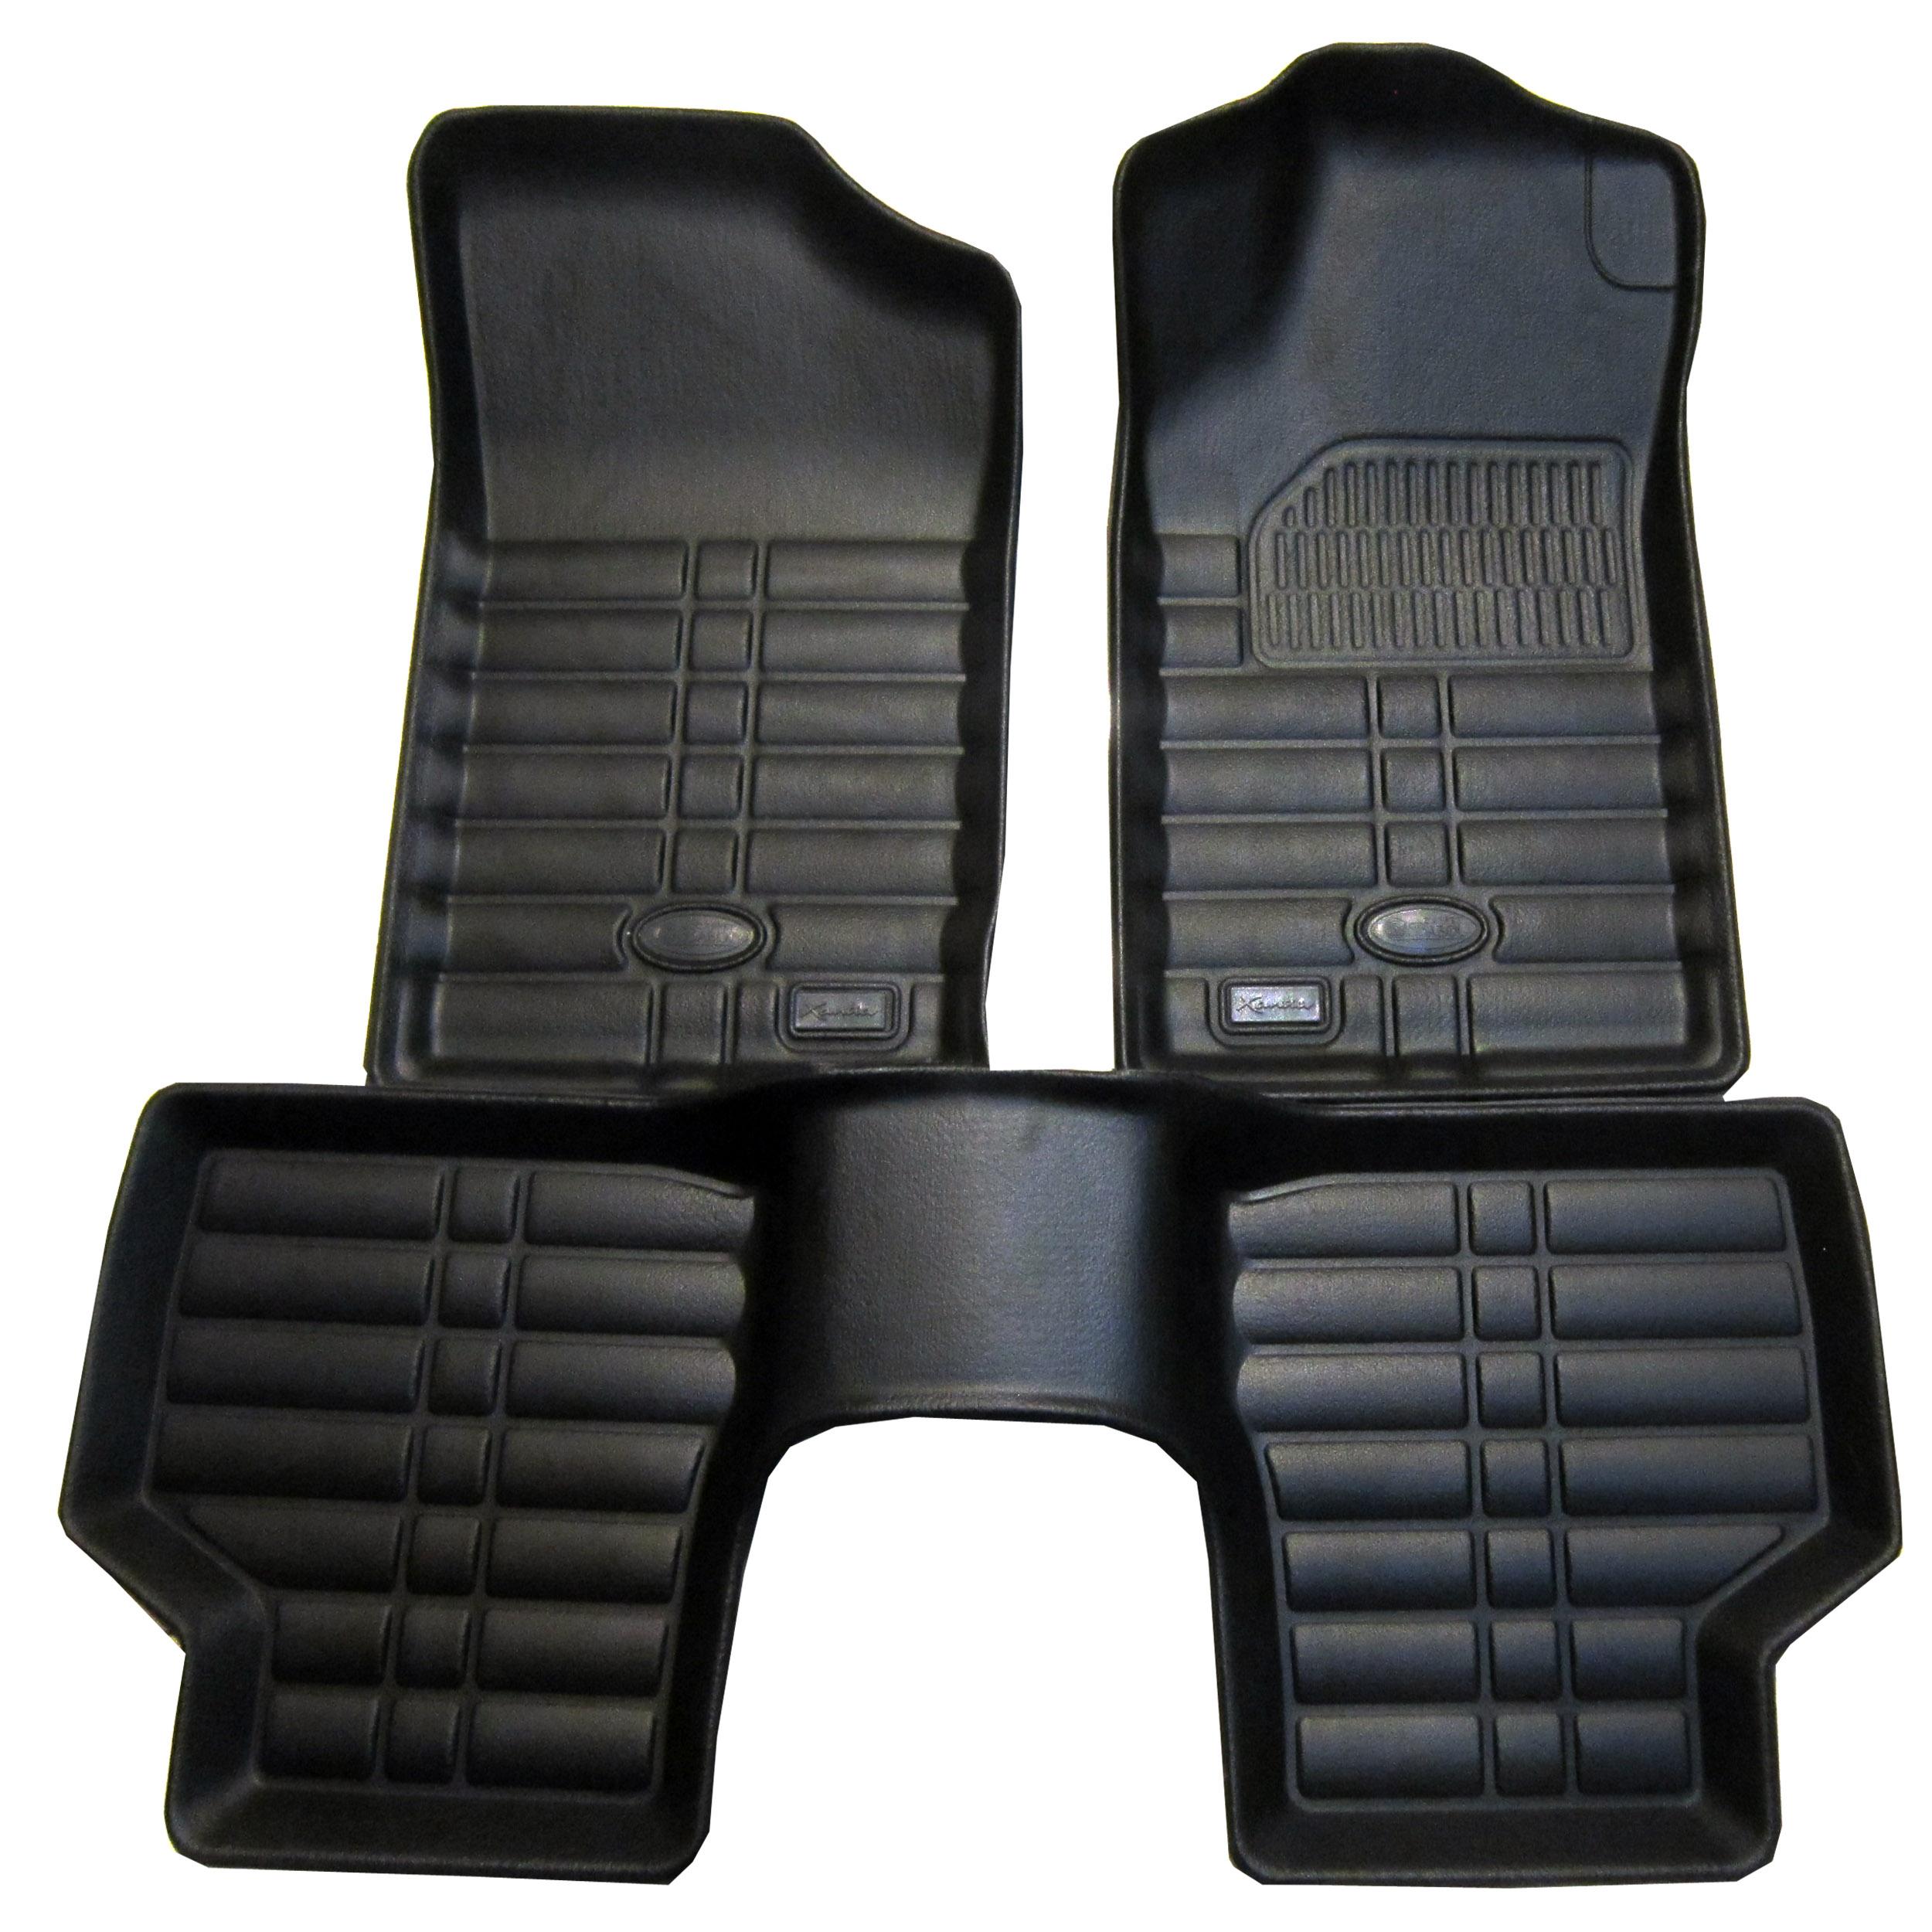 کفپوش سه بعدی خودرو بابل مدل ZA-1  مناسب برای زانتیا